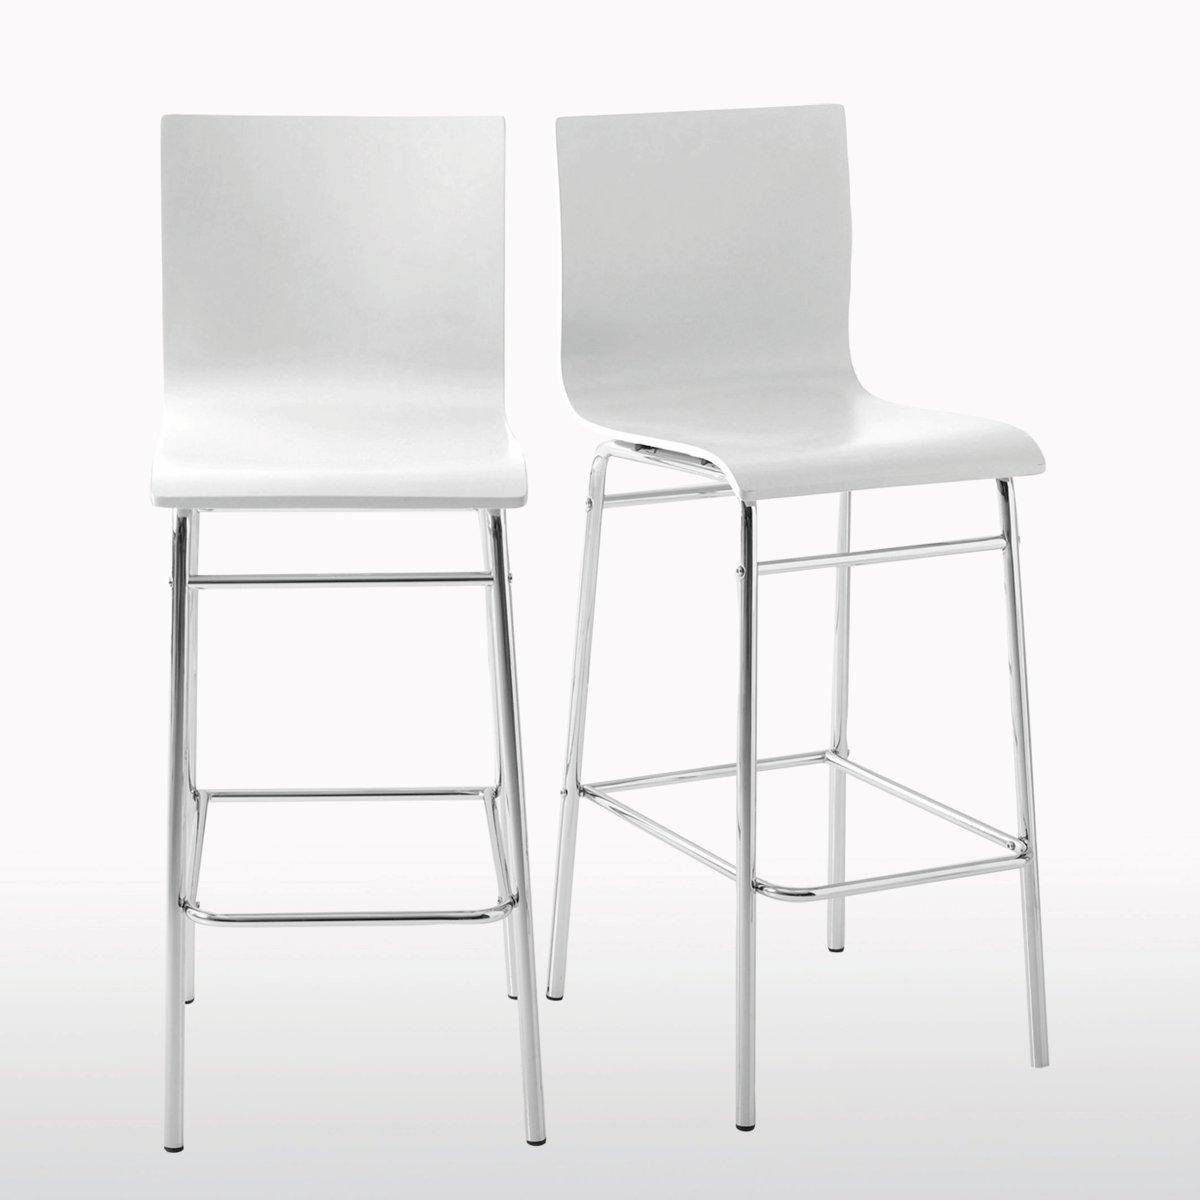 2 стула барных, JanikБарные стулья Janik на высоких ножках! 4 модных цвета, которые можно сочетать, для более яркого эффекта ! Характеристики стульев Janik :Спинка и сиденье из фанеры, ПУ-лакировка .Ножки из хромированной стальной трубки .Стулья продаются по 2 шт одного цвета .Барные стулья Janikпродаются готовыми к сборке Найдите высокий стол Janik, а также всю коллекцию Janik на нашем сайте ..       Размеры высоких стульев Janik :Общие : Ширина : 42 см.Высота : 110 см.Глубина : 50 см.Сиденье : Выс 75 см<br><br>Цвет: белый,желтый,серо-коричневый каштан<br>Размер: комплект из 2.комплект из 2